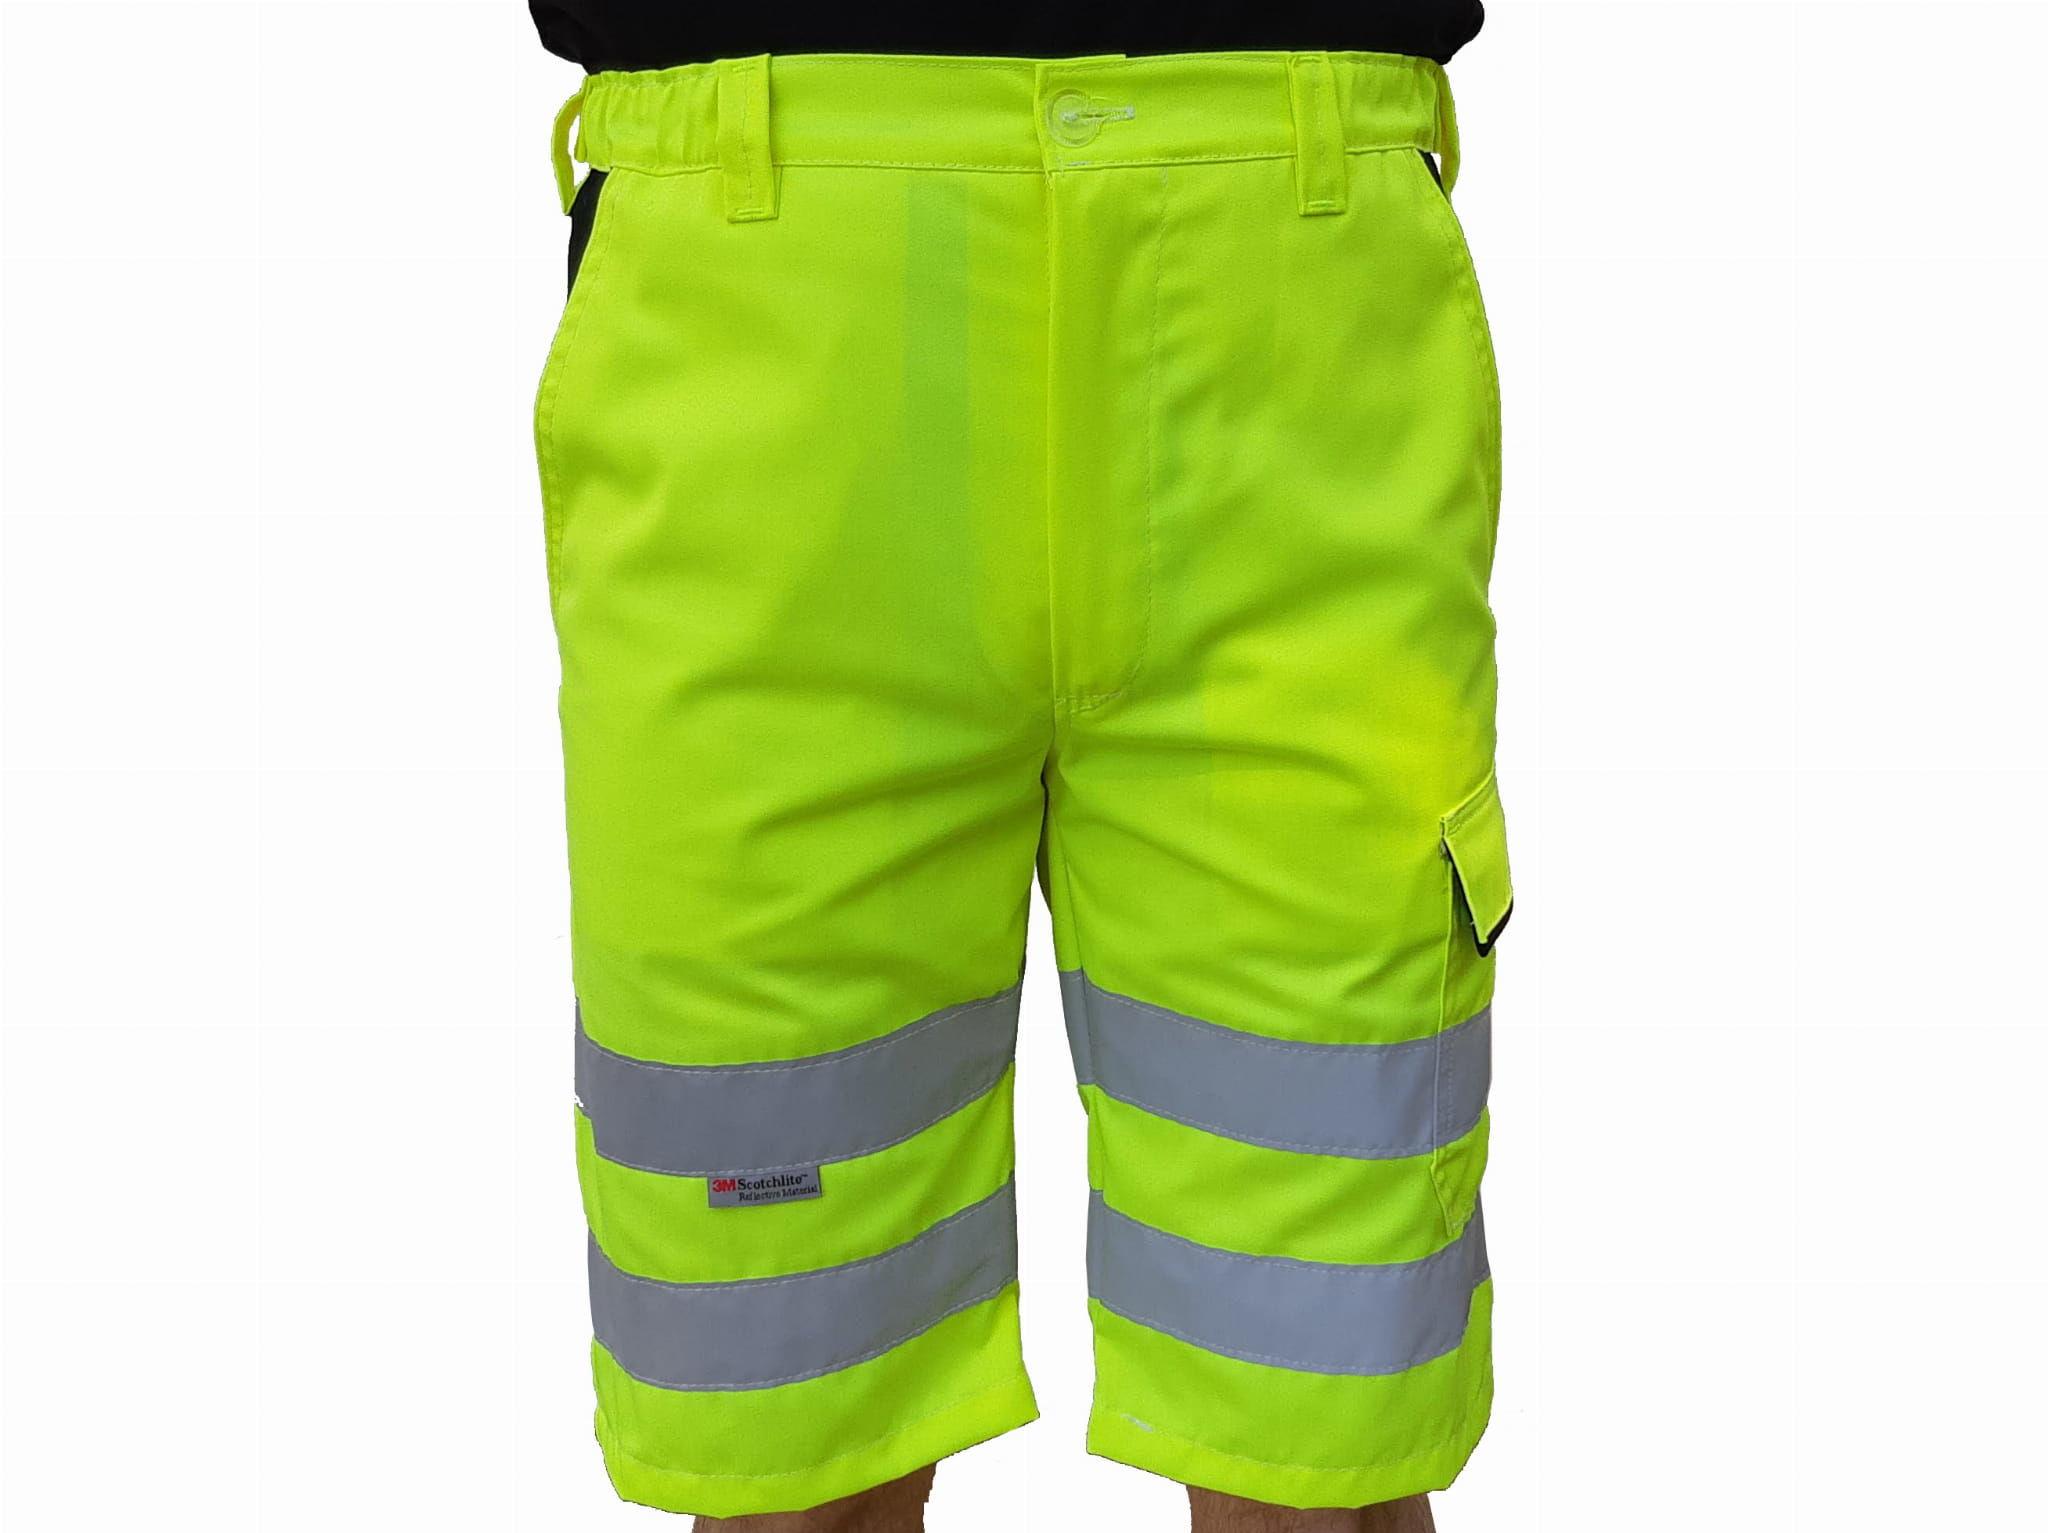 Spodnie robocze krótkie odblaskowe